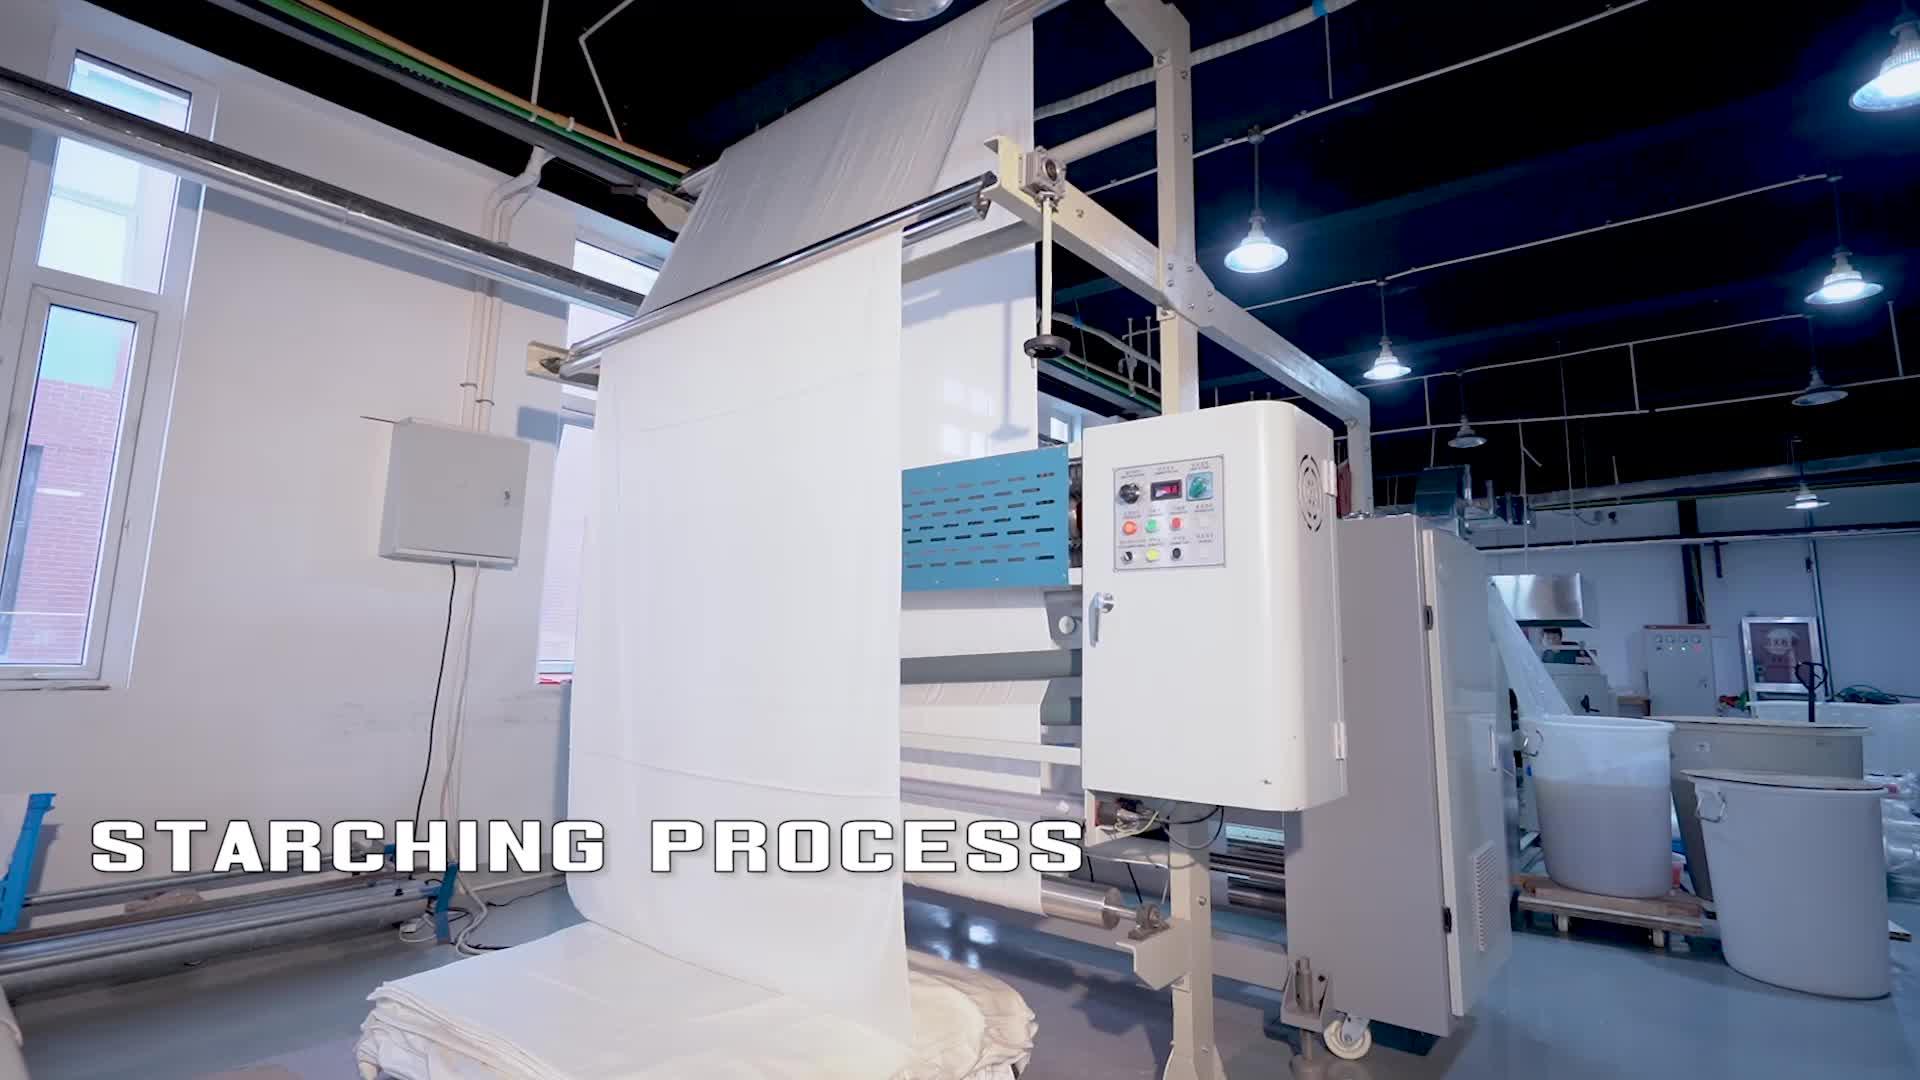 カスタムデジタル印刷 110*110 センチメートルツイルシルクスカーフ 100% 純粋な絹のスカーフ